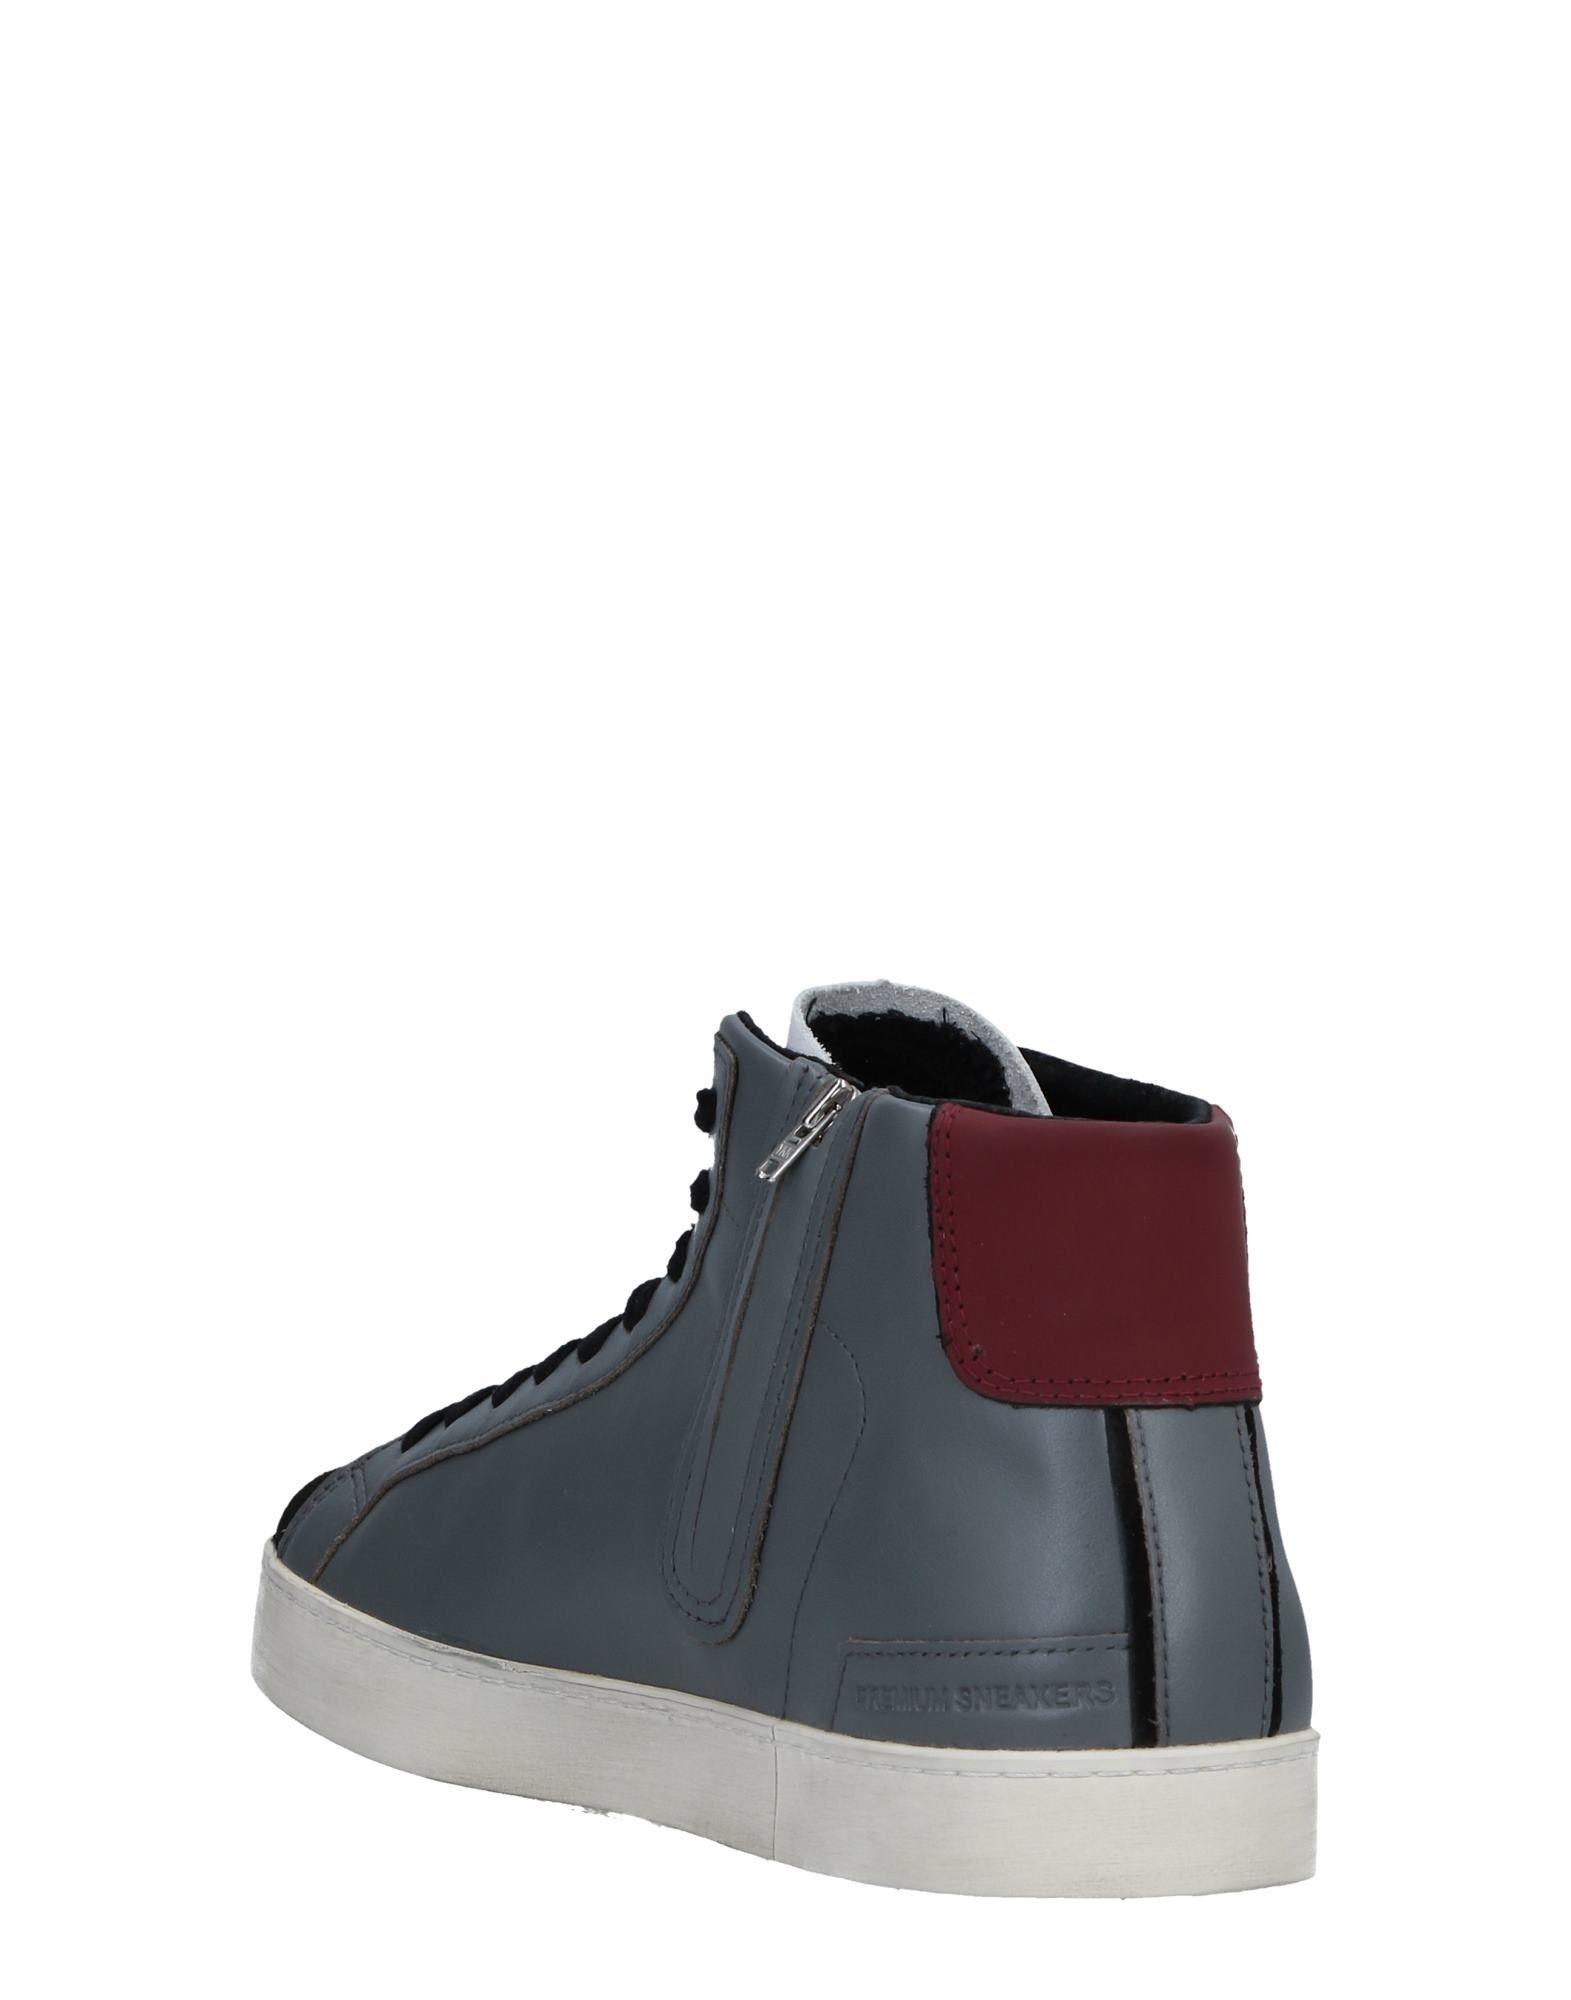 D.A.T.E. Sneakers Herren  11519177MK 11519177MK  addef9